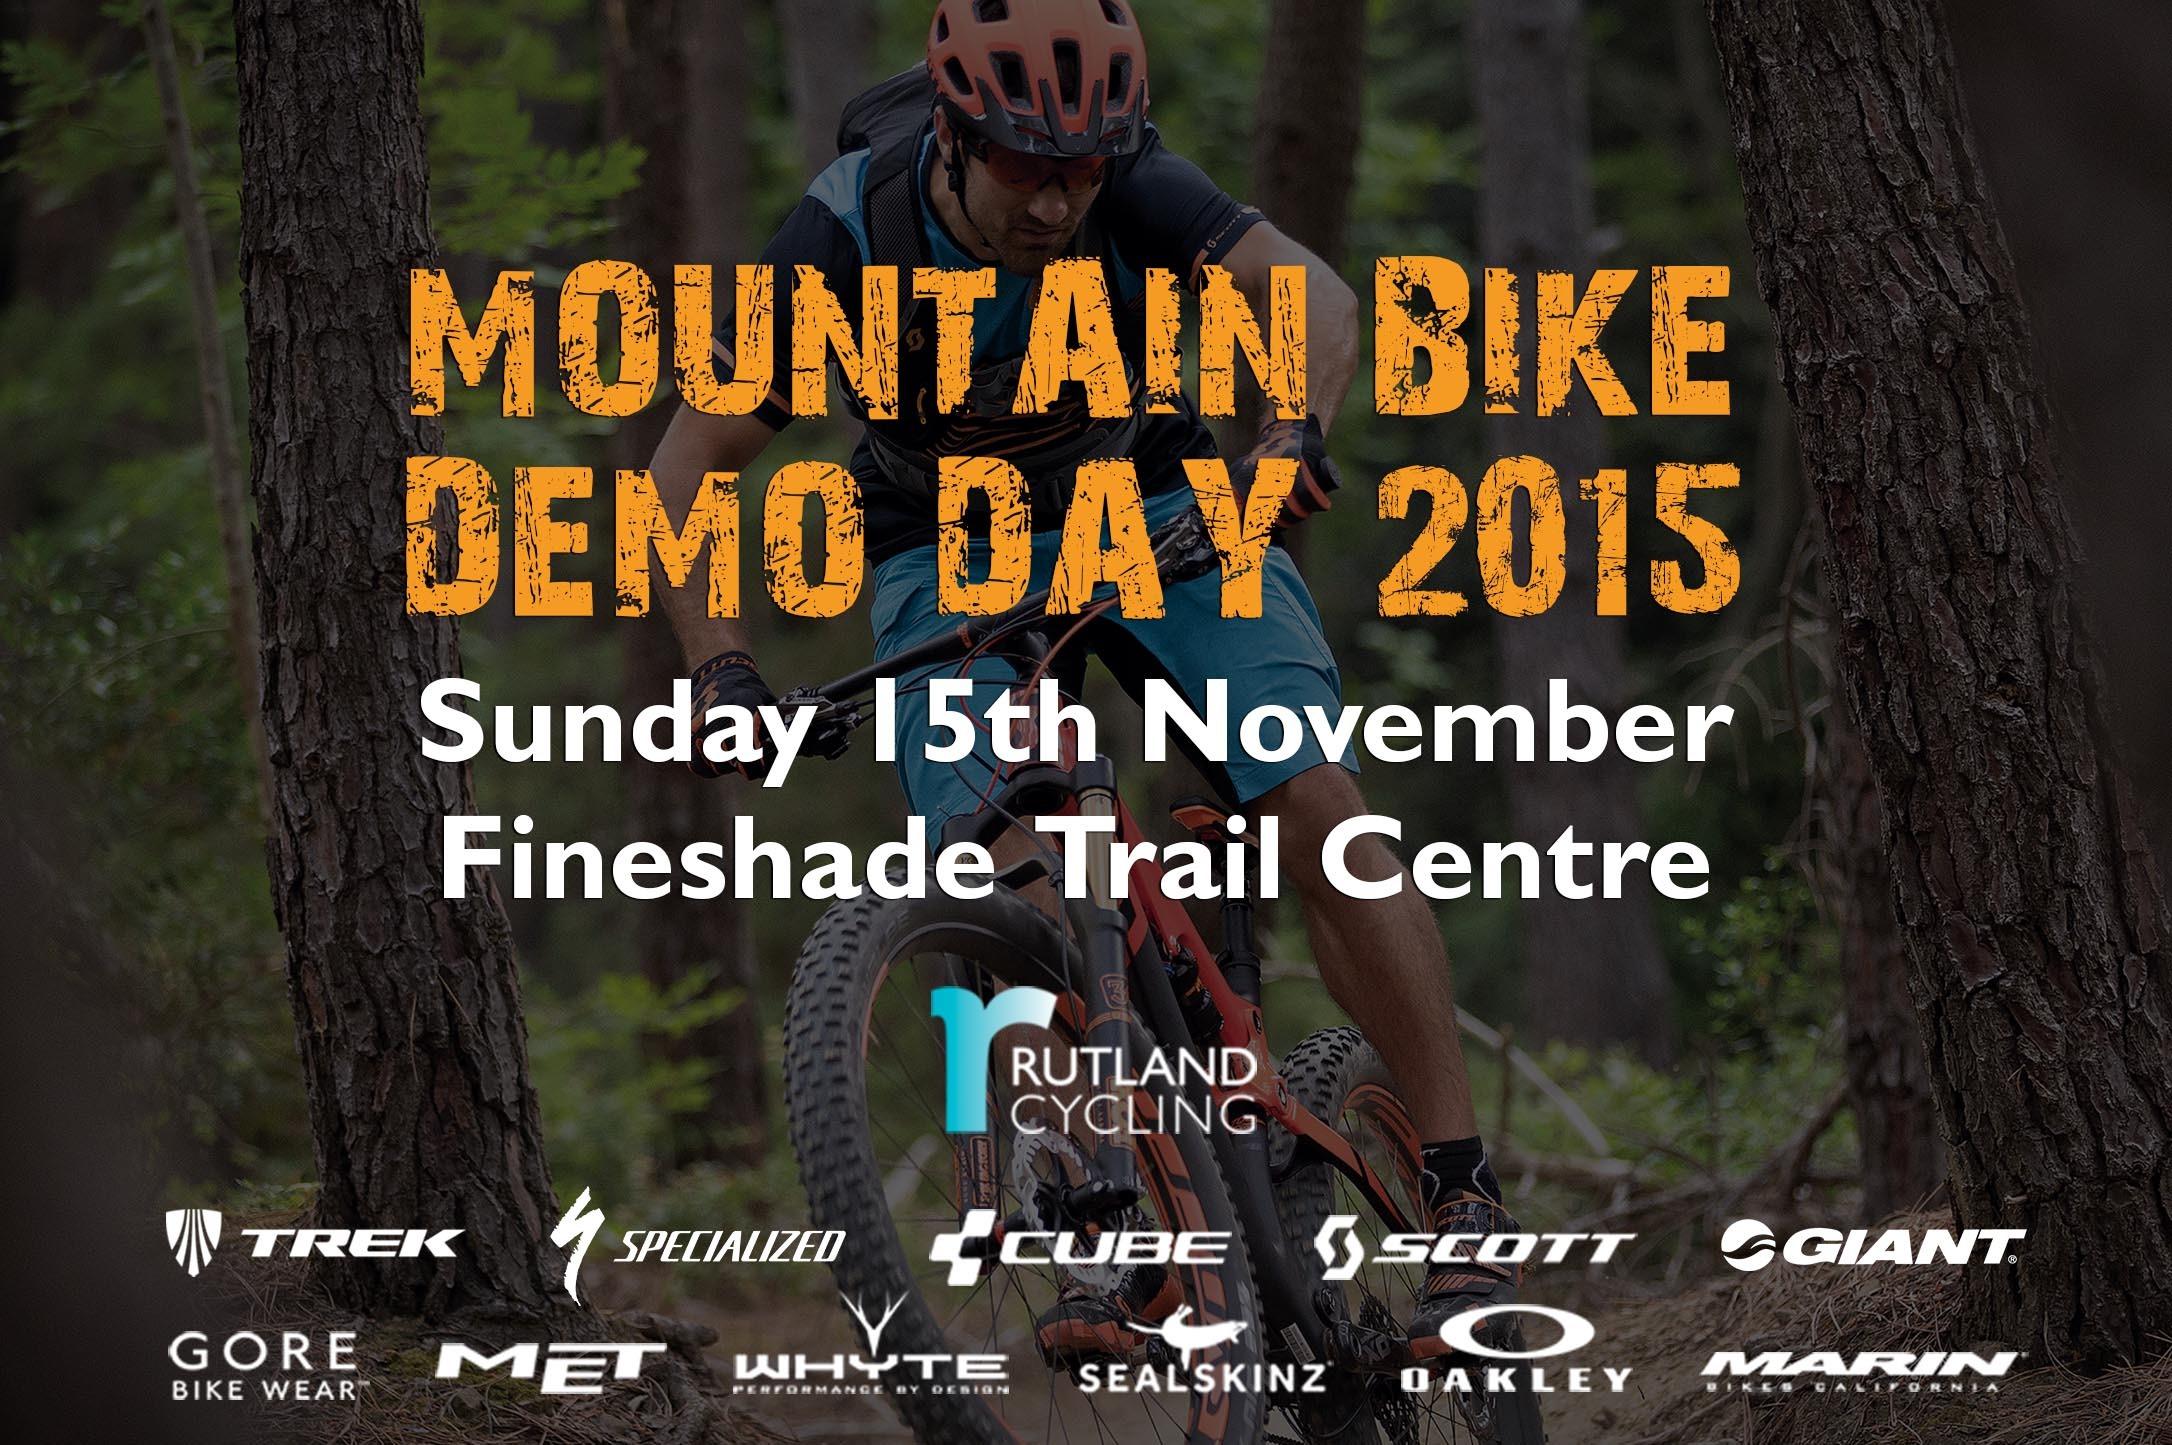 Rutland Cycling MTB Demo Day 2015